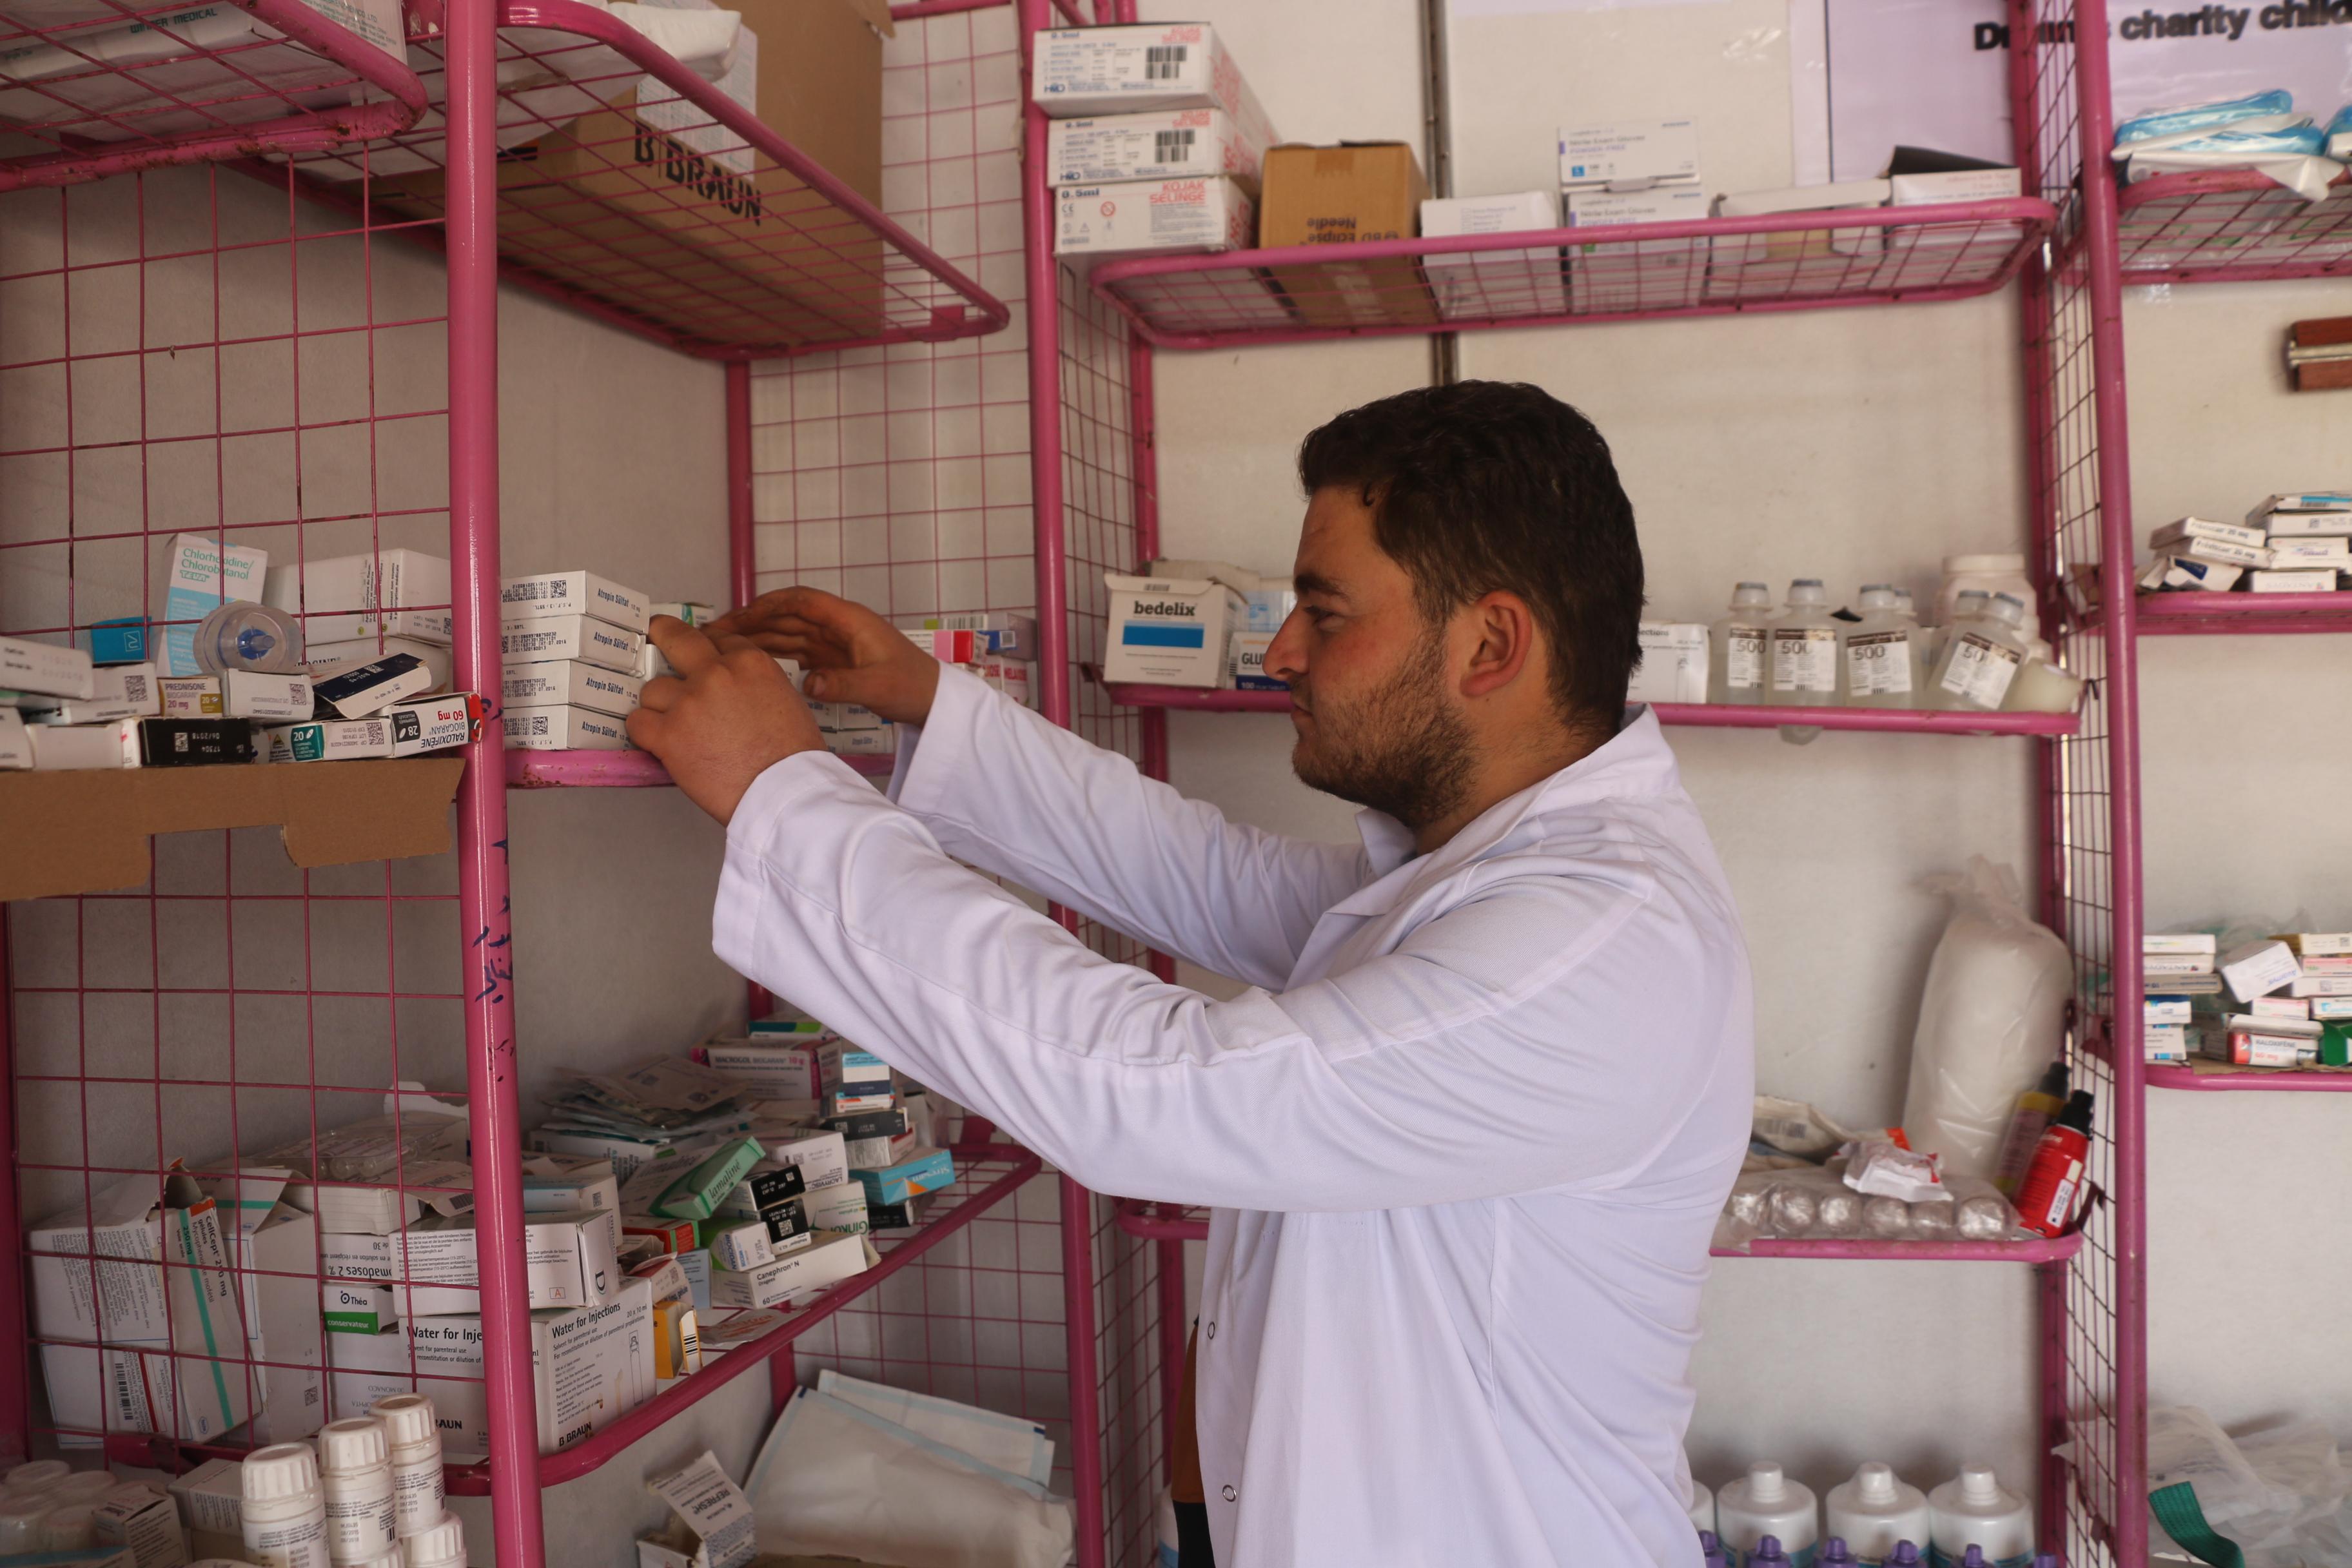 على خطى مديرية صحة حمص..مديرية صحة حماة ترخص الصيدليات